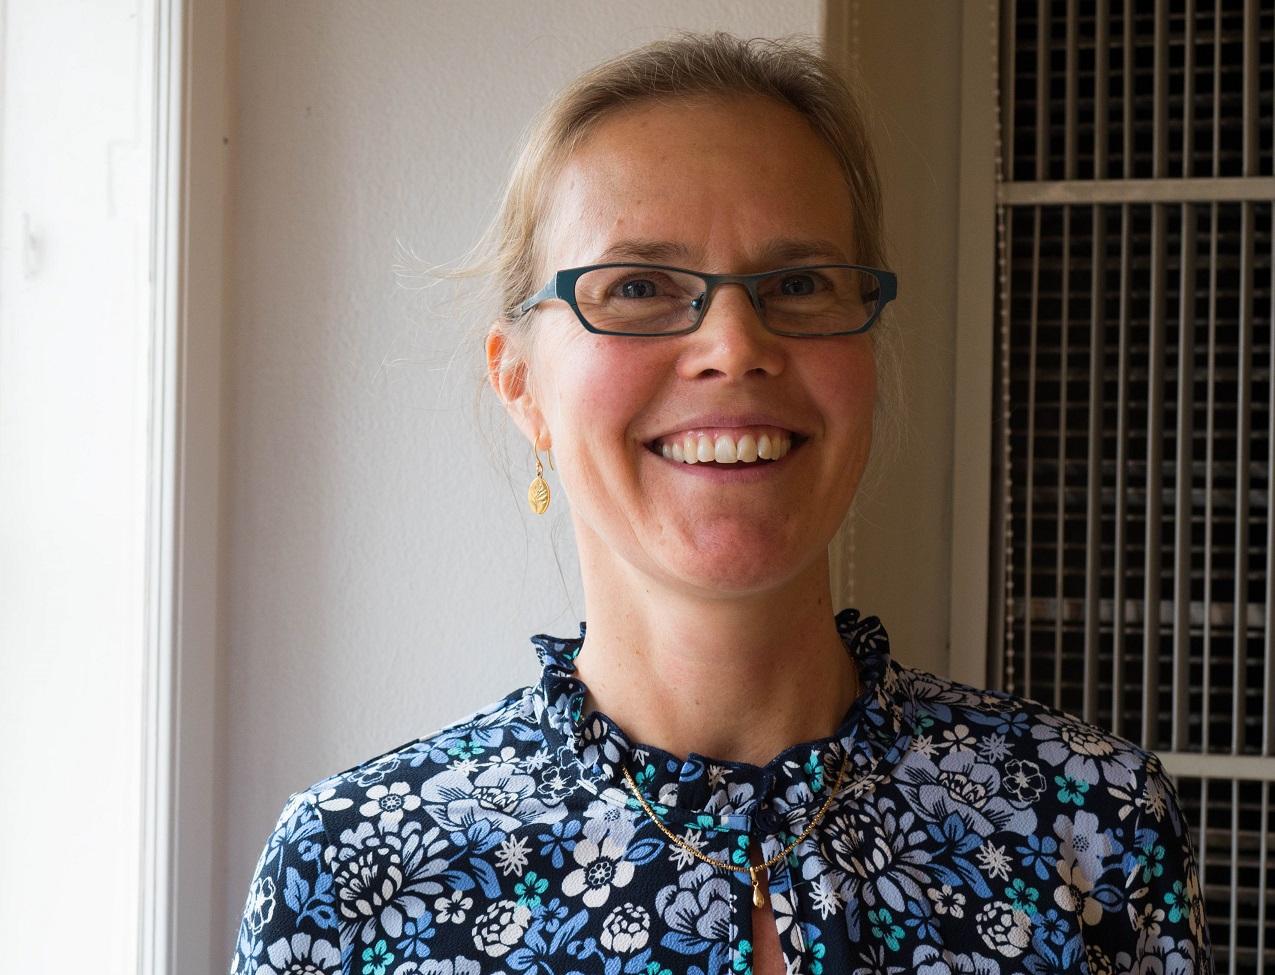 Porträtt Ulrika Kjellström som har ljust bakåtkammat hår, blåblommig blus, blå glasögon och ler.